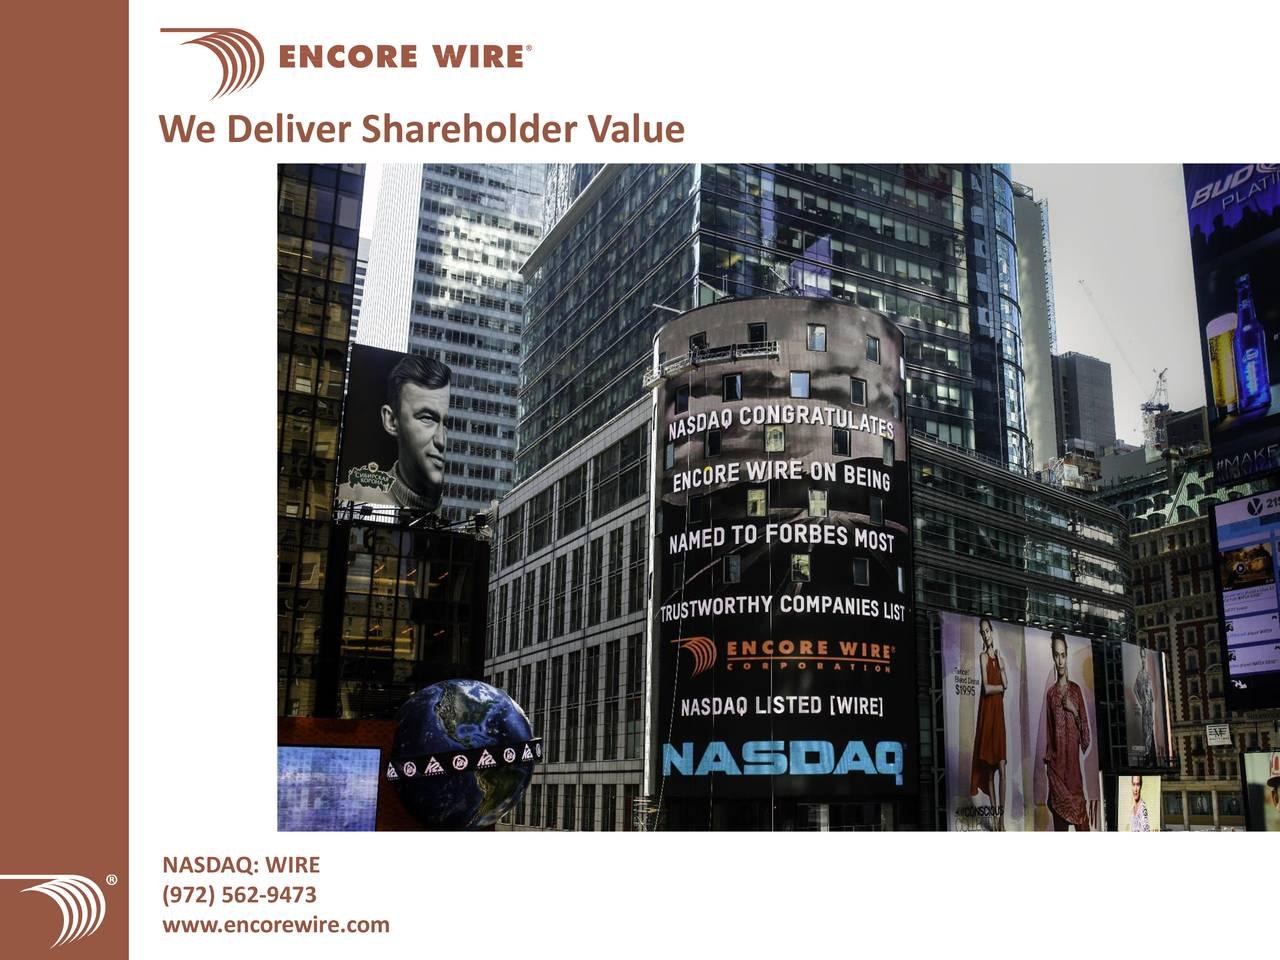 WIRE / Encore Wire Corp. - Short Interest - Fintel.io